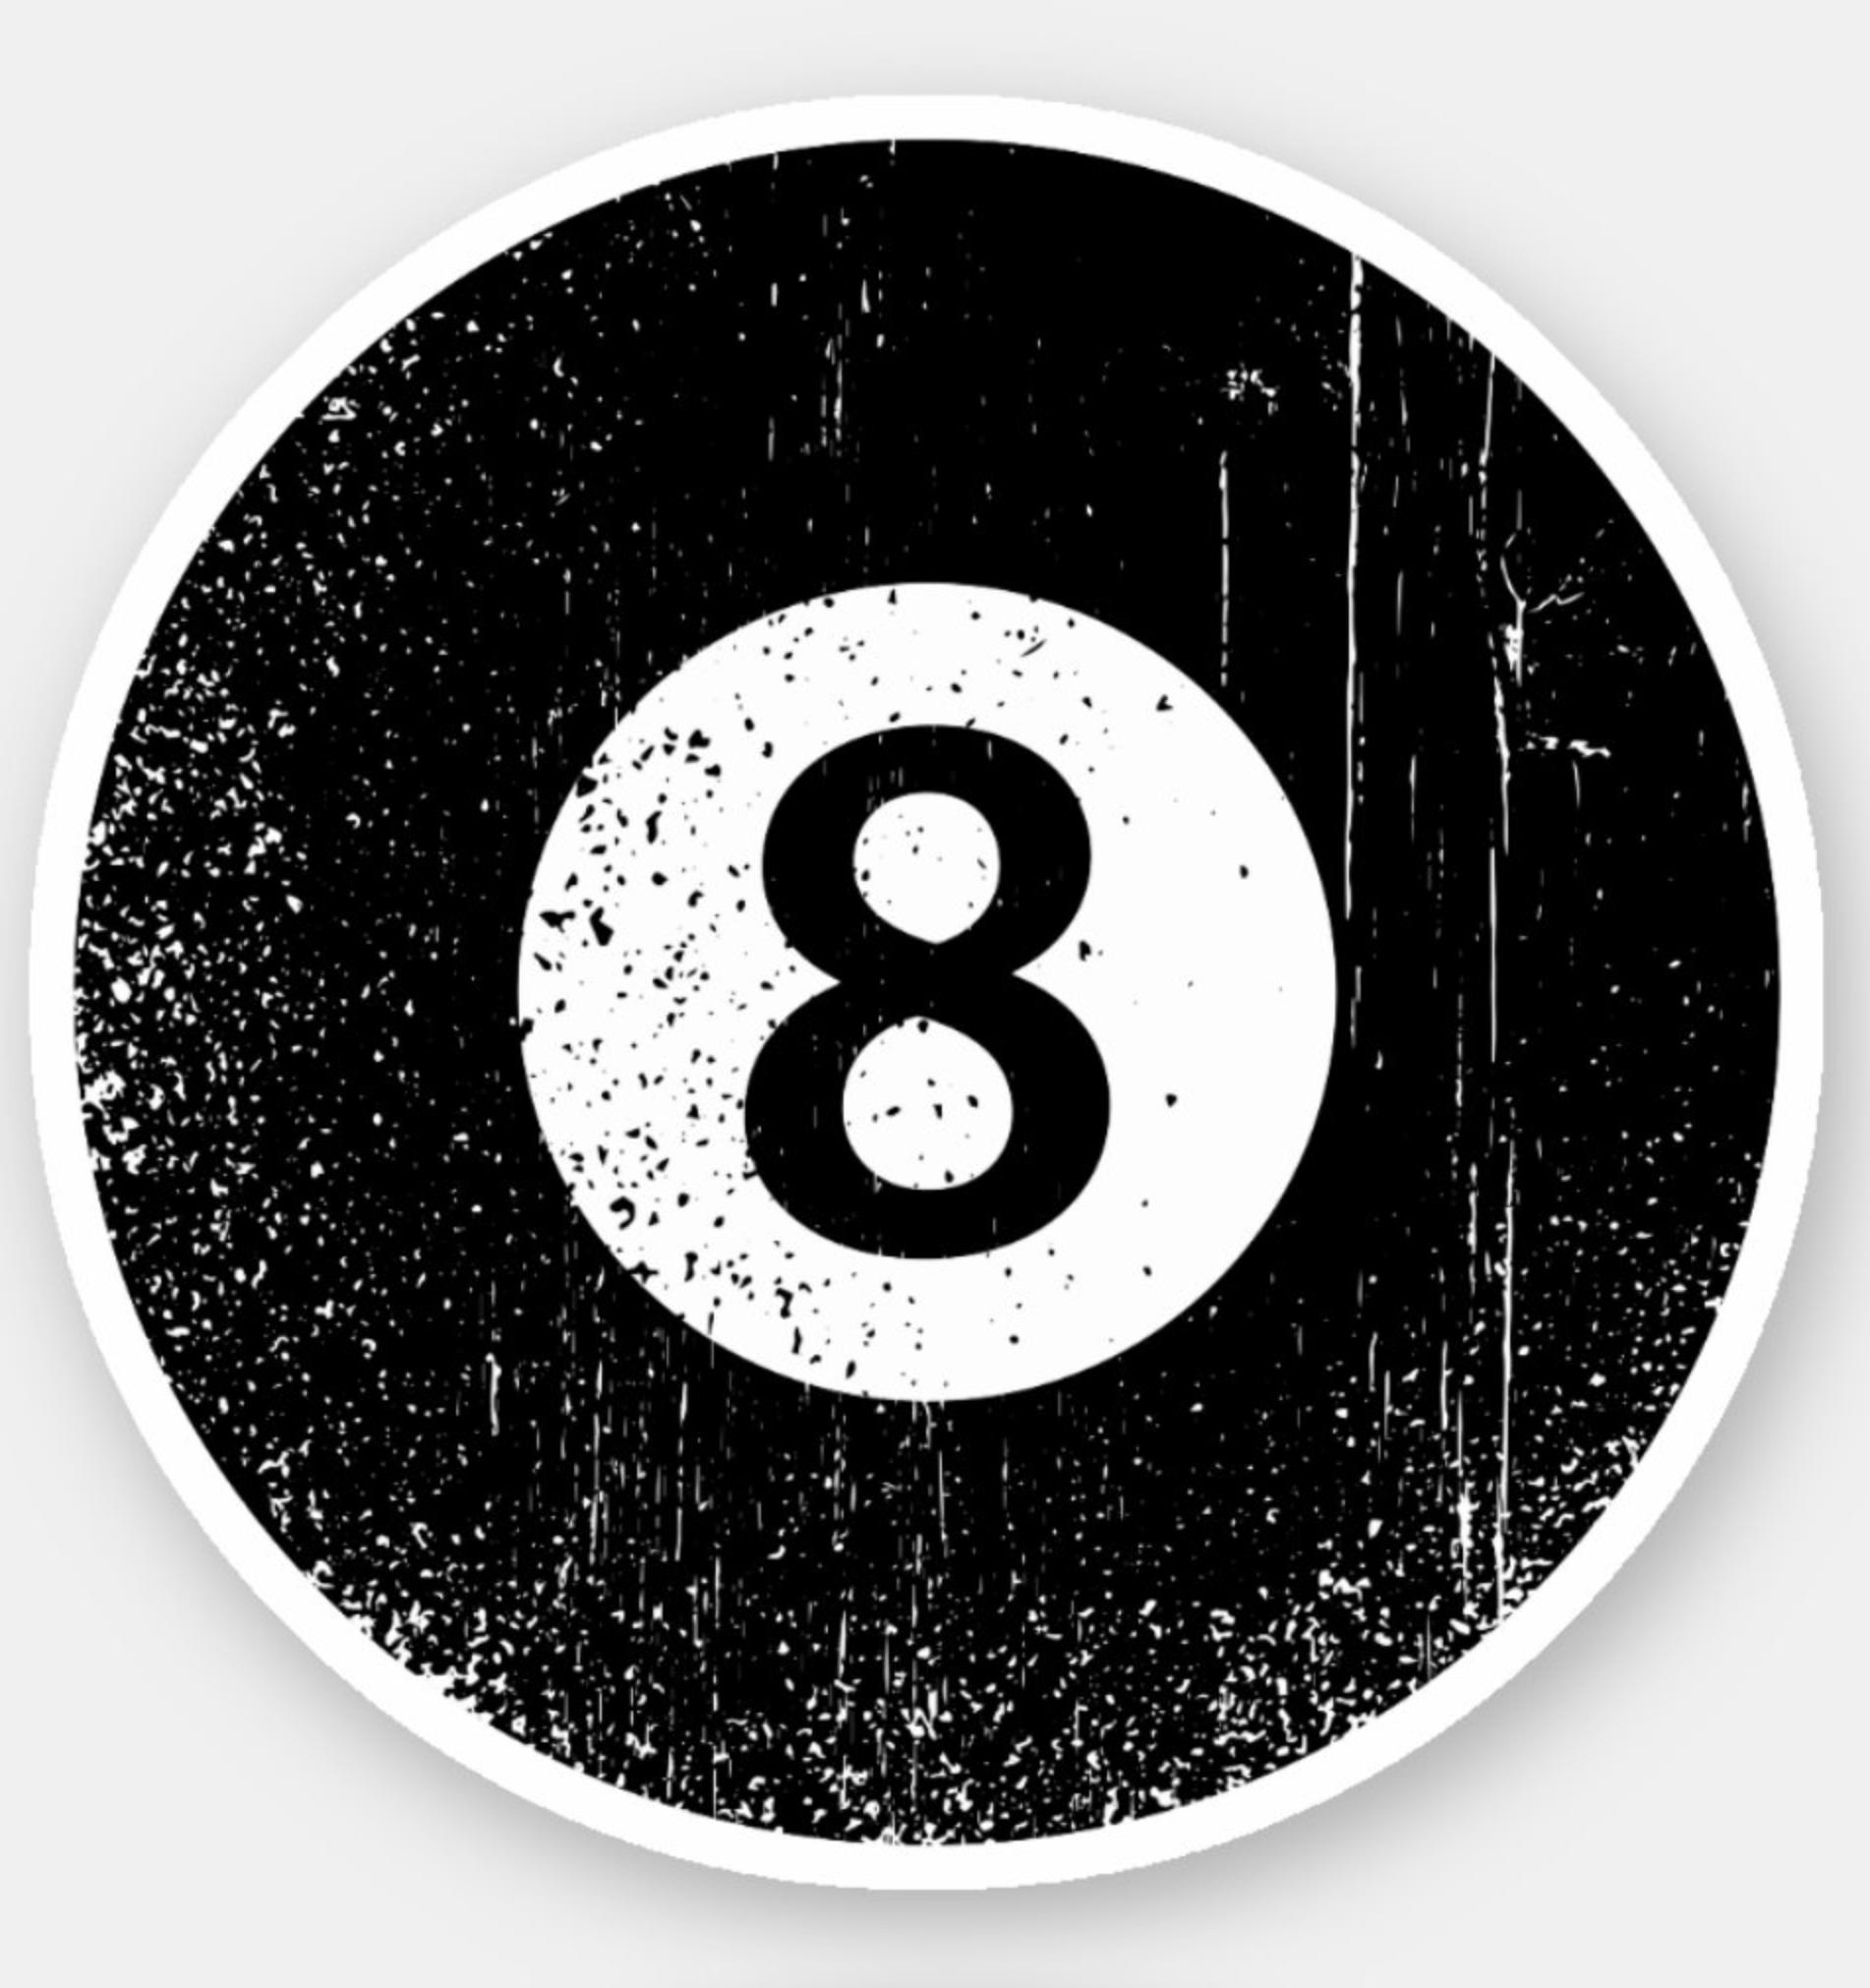 Worn Distressed Grunge Eight Ball Sticker Zazzle Com In 2021 Grunge Macbook Stickers Design Your Own Stickers